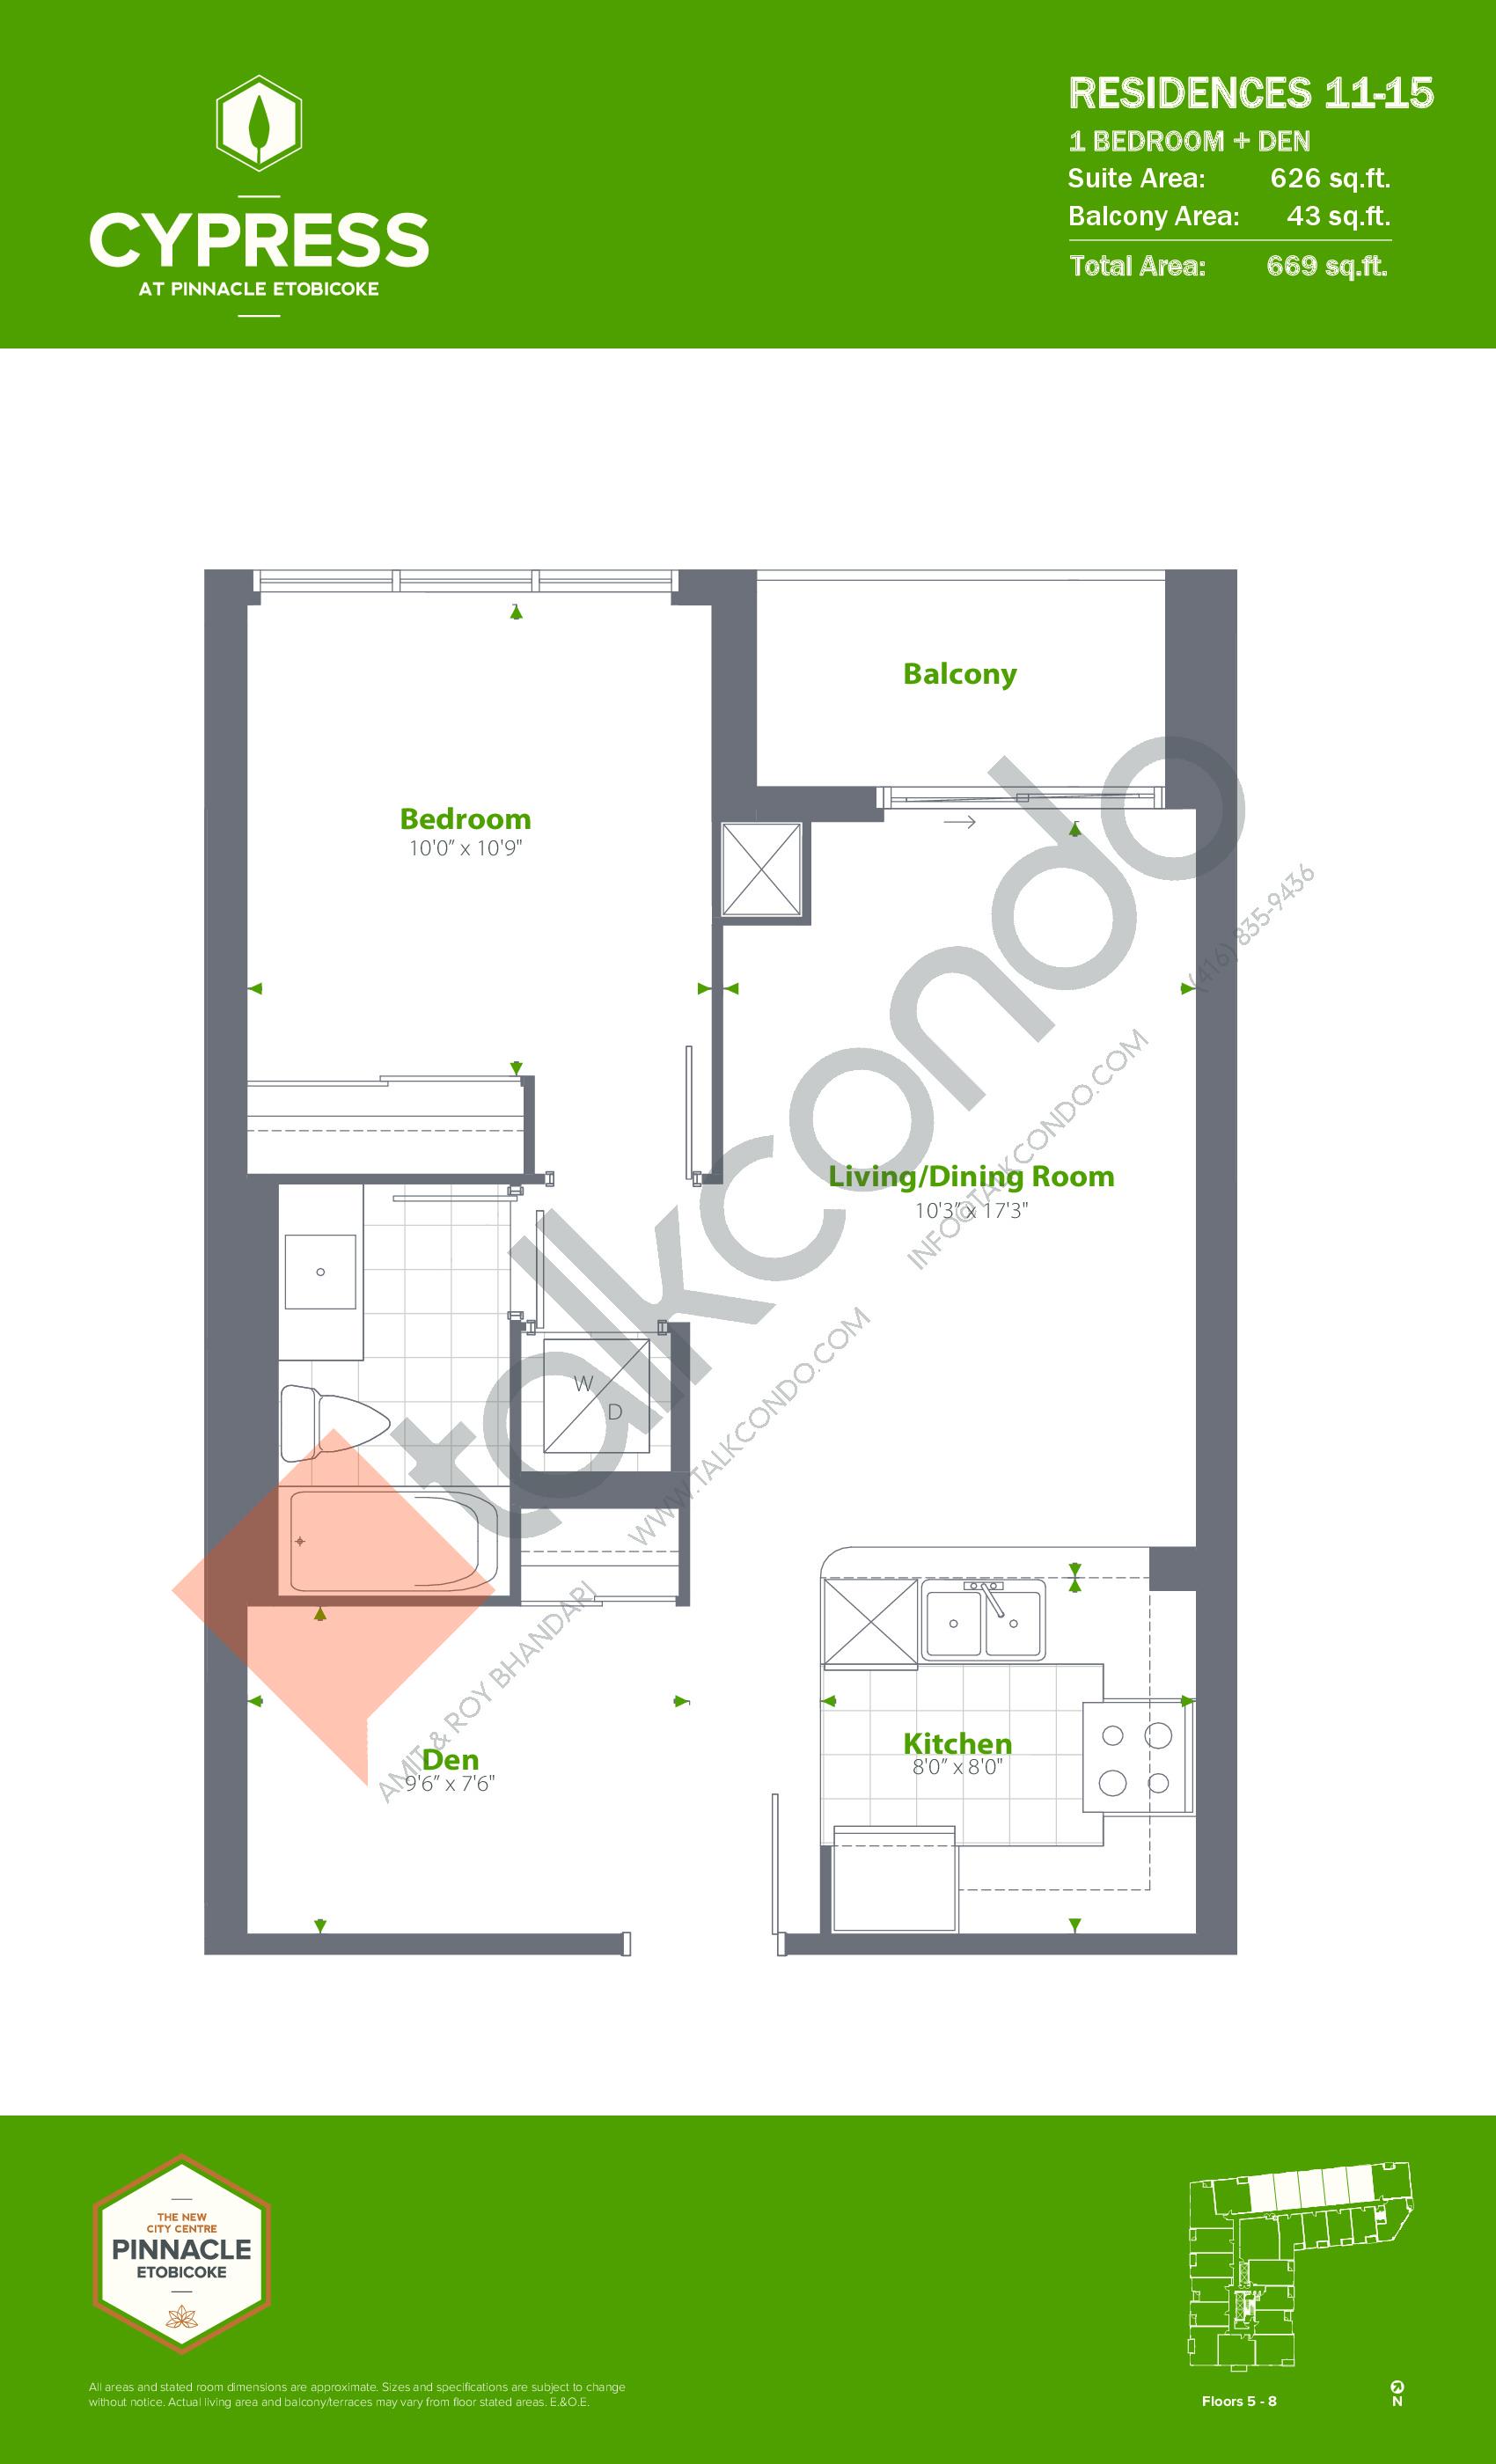 Residence 11-15 Floor Plan at Cypress at Pinnacle Etobicoke - 626 sq.ft